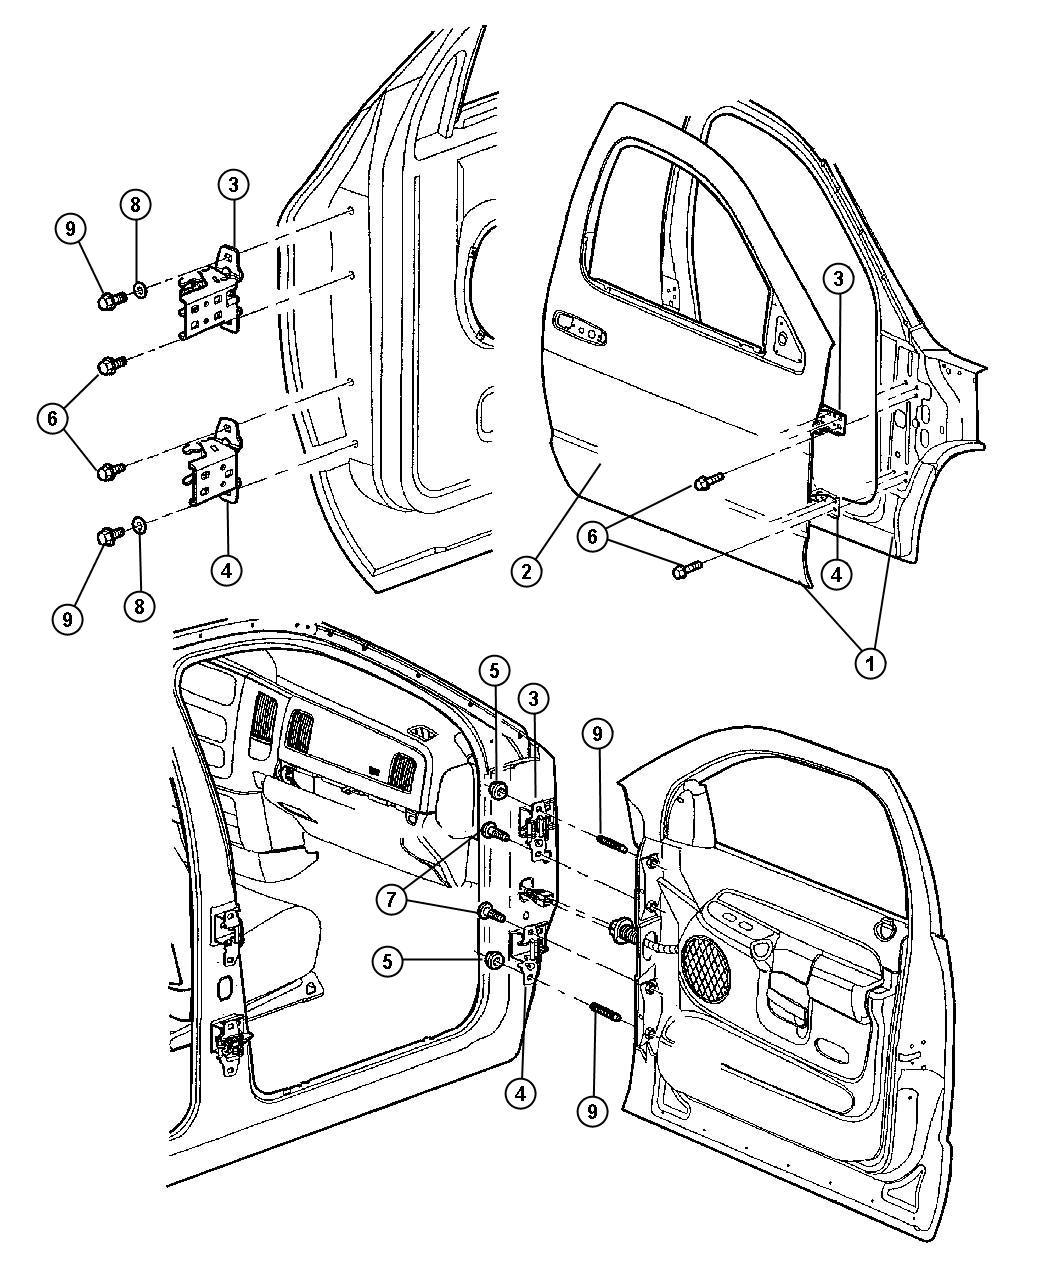 Dodge Ram Slt Reg Cab 6 5 Ft Box 5 7l V8 A T 4x4